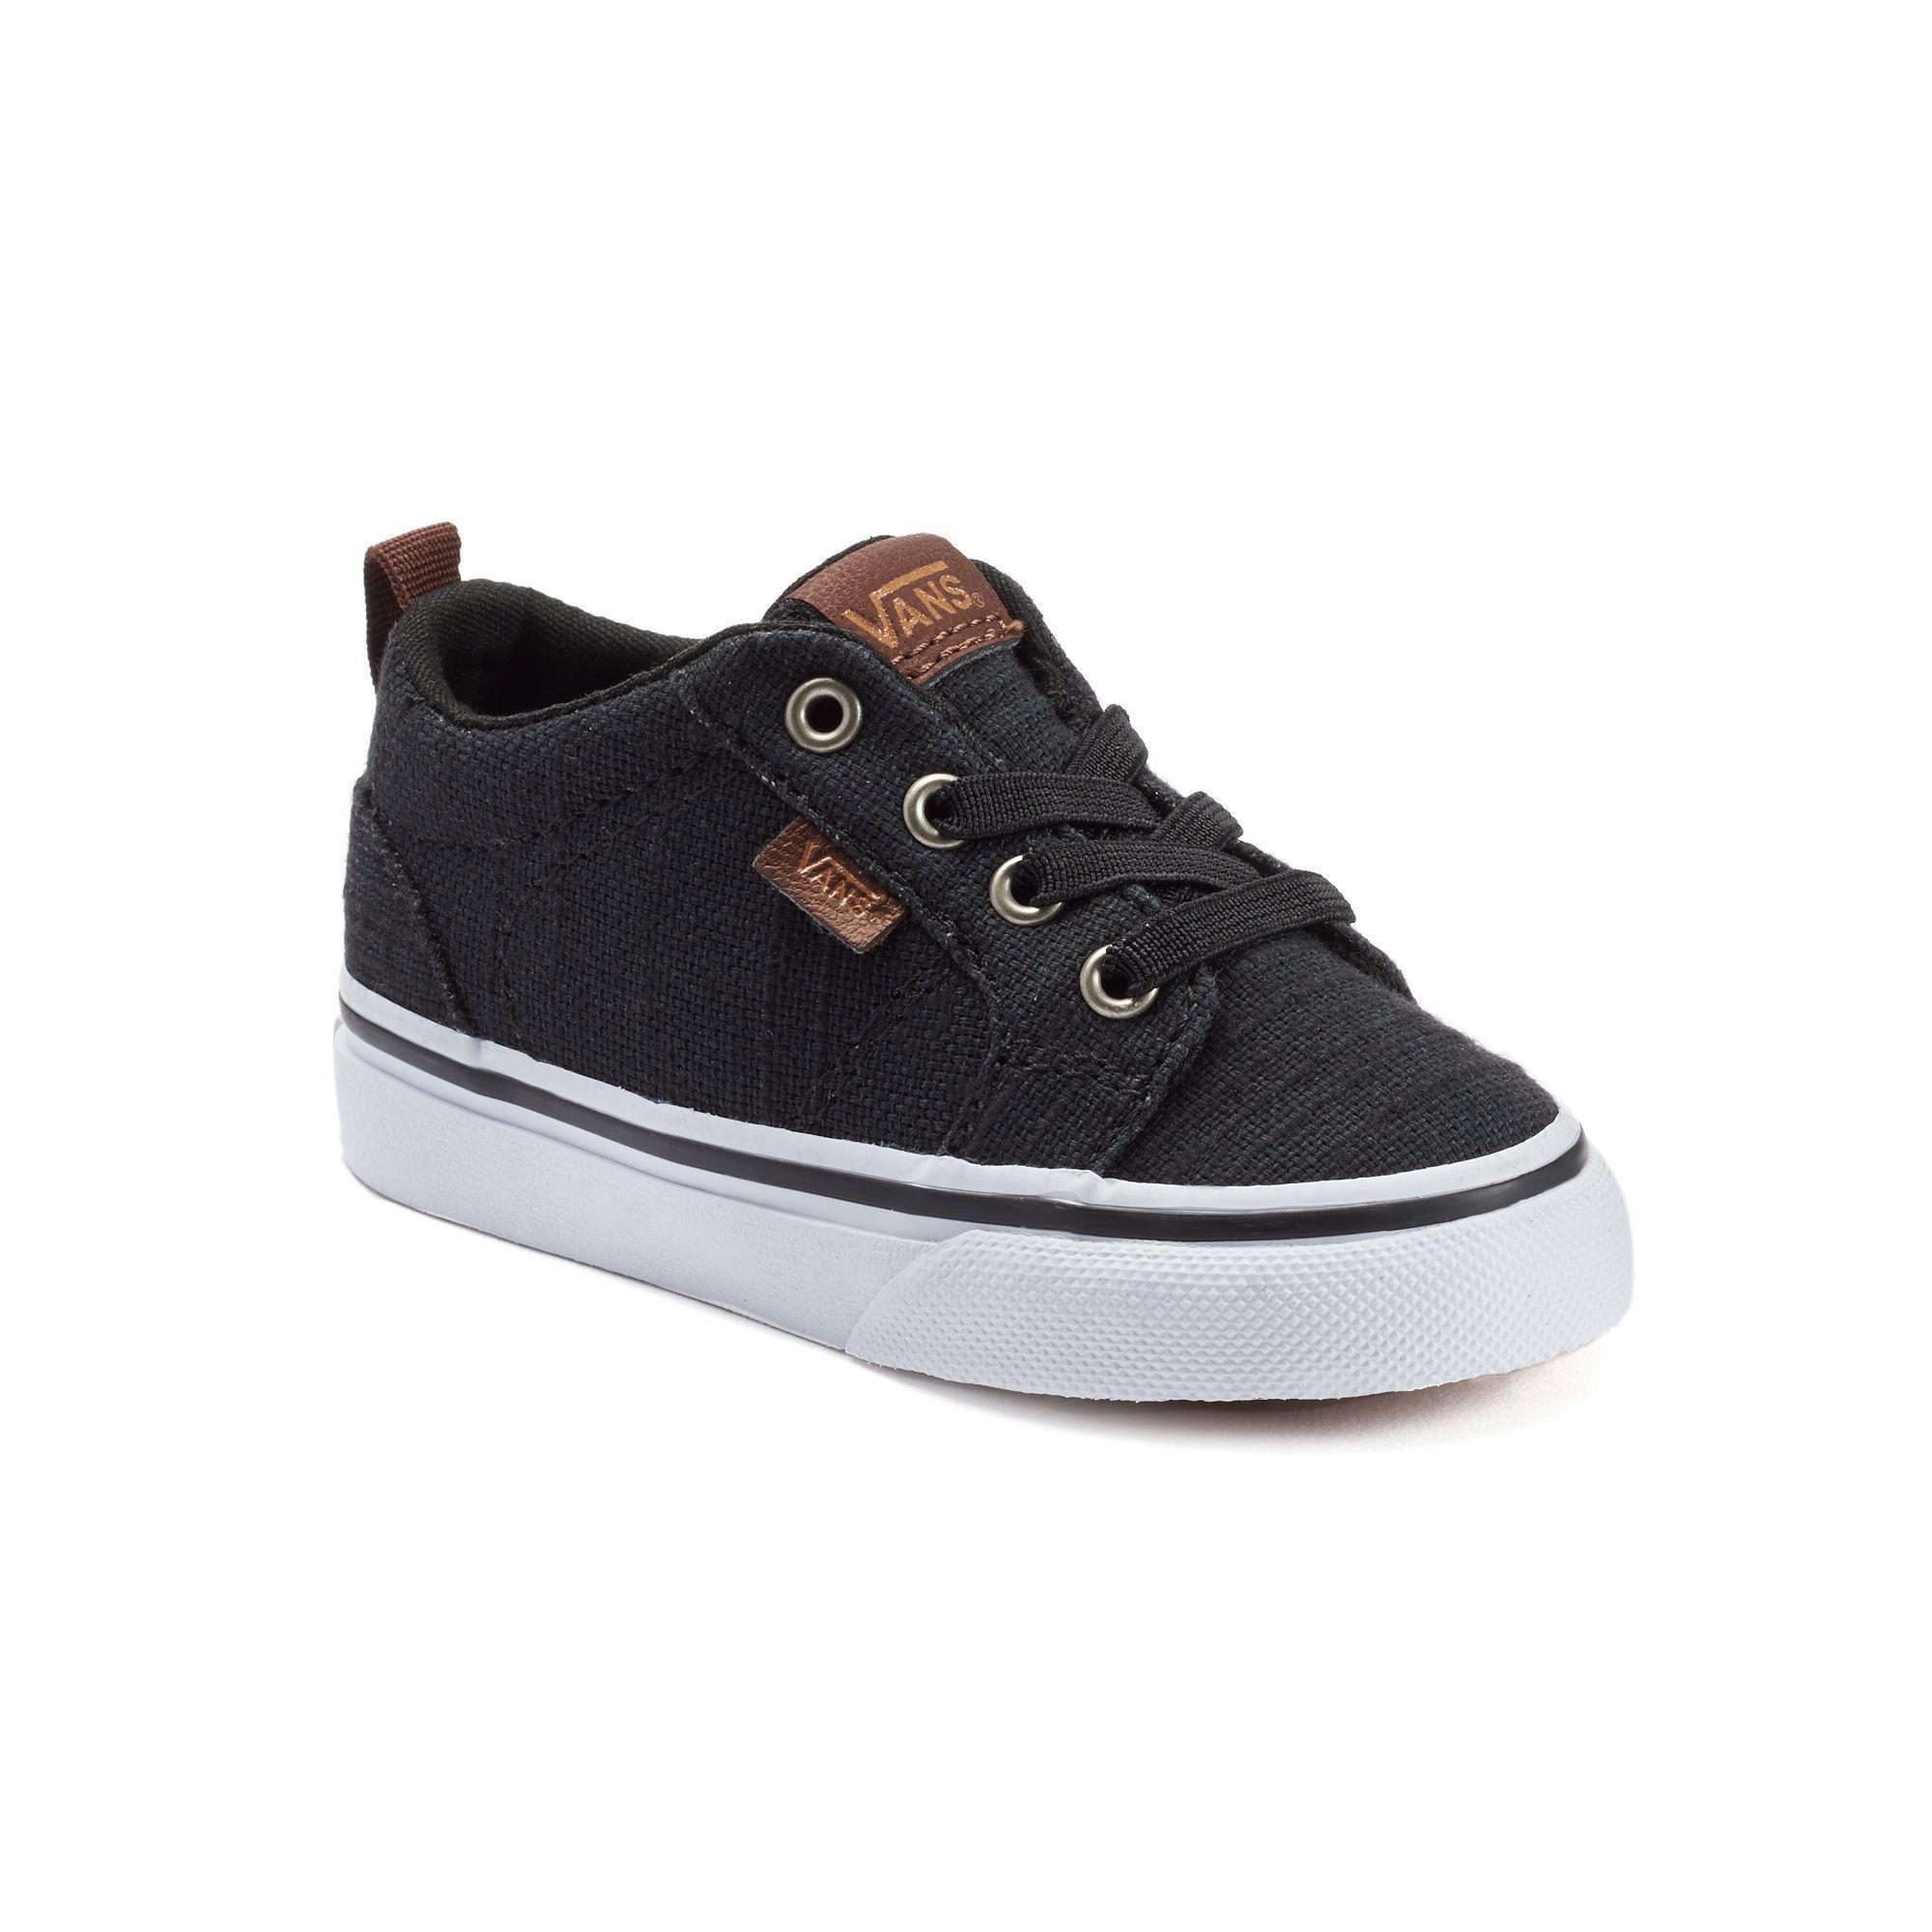 Vans Bishop Toddler Boys' Slip-On Shoes b225ee141